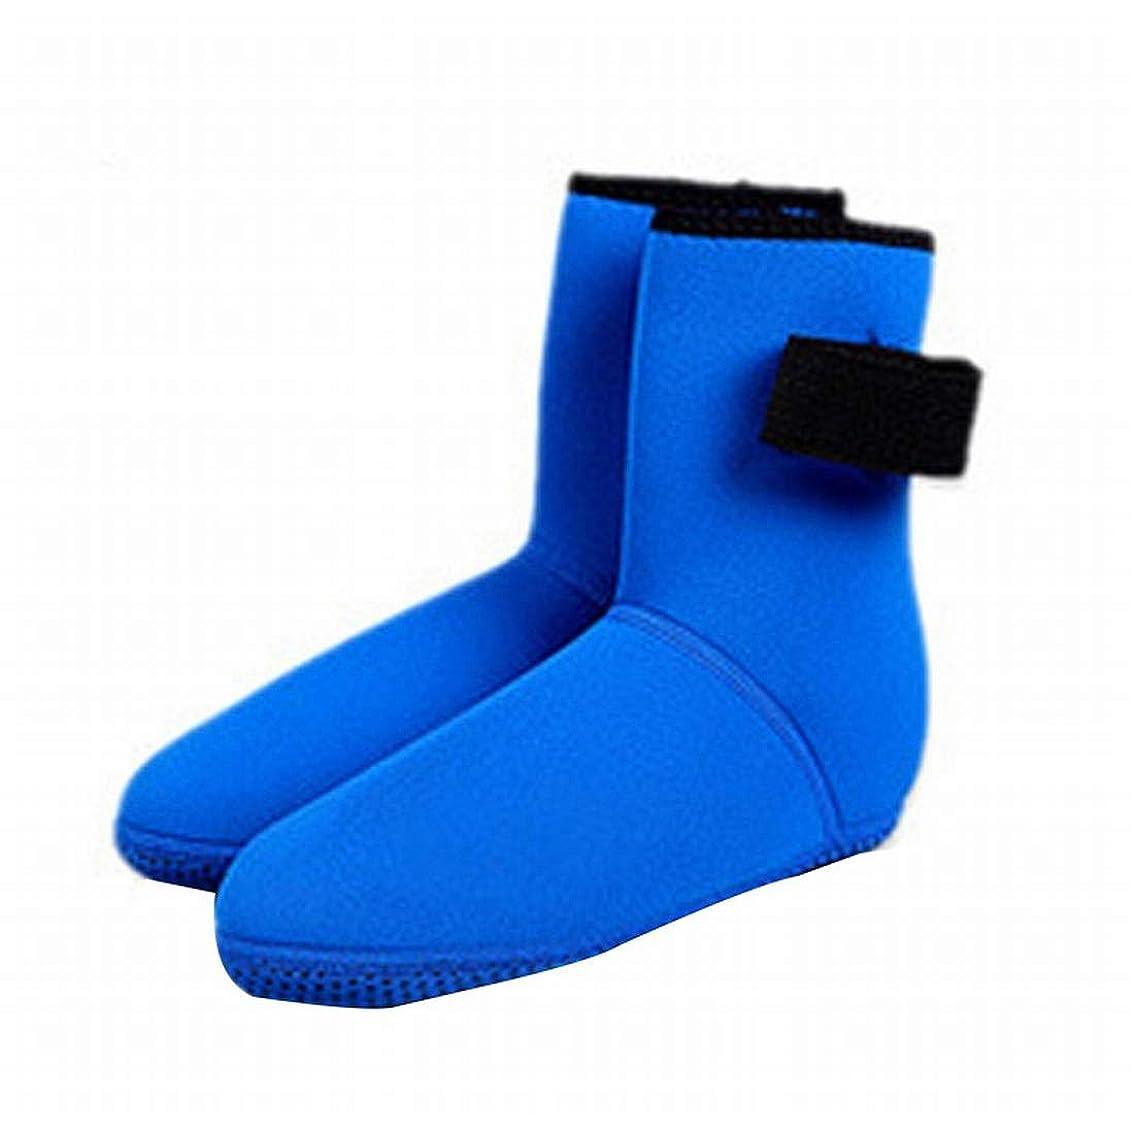 ジョガーアドバンテージチョークTianmey 3ミリメートルシュノーケリング滑り止めダイビングソックスロングチューブ水泳ソックスビーチソックス快適な滑り止めダイビング用品 (Size : M)